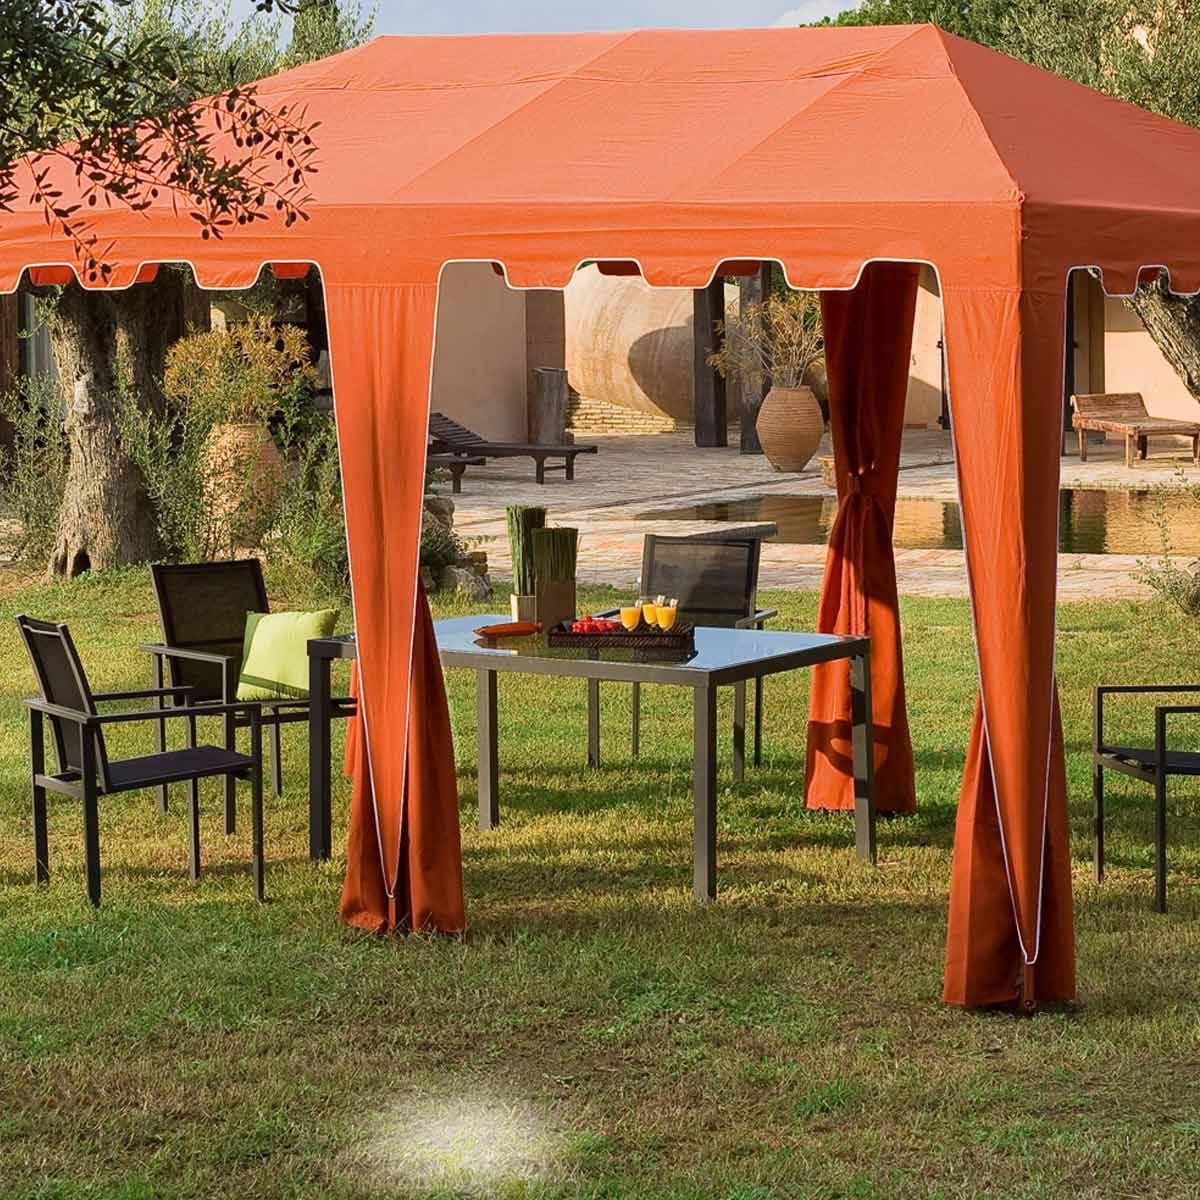 Cuisine: Meuble Pas Cher Table Chaise Fauteuil Lit Bureau ... intérieur Salon De Jardin En Bois Pas Cher